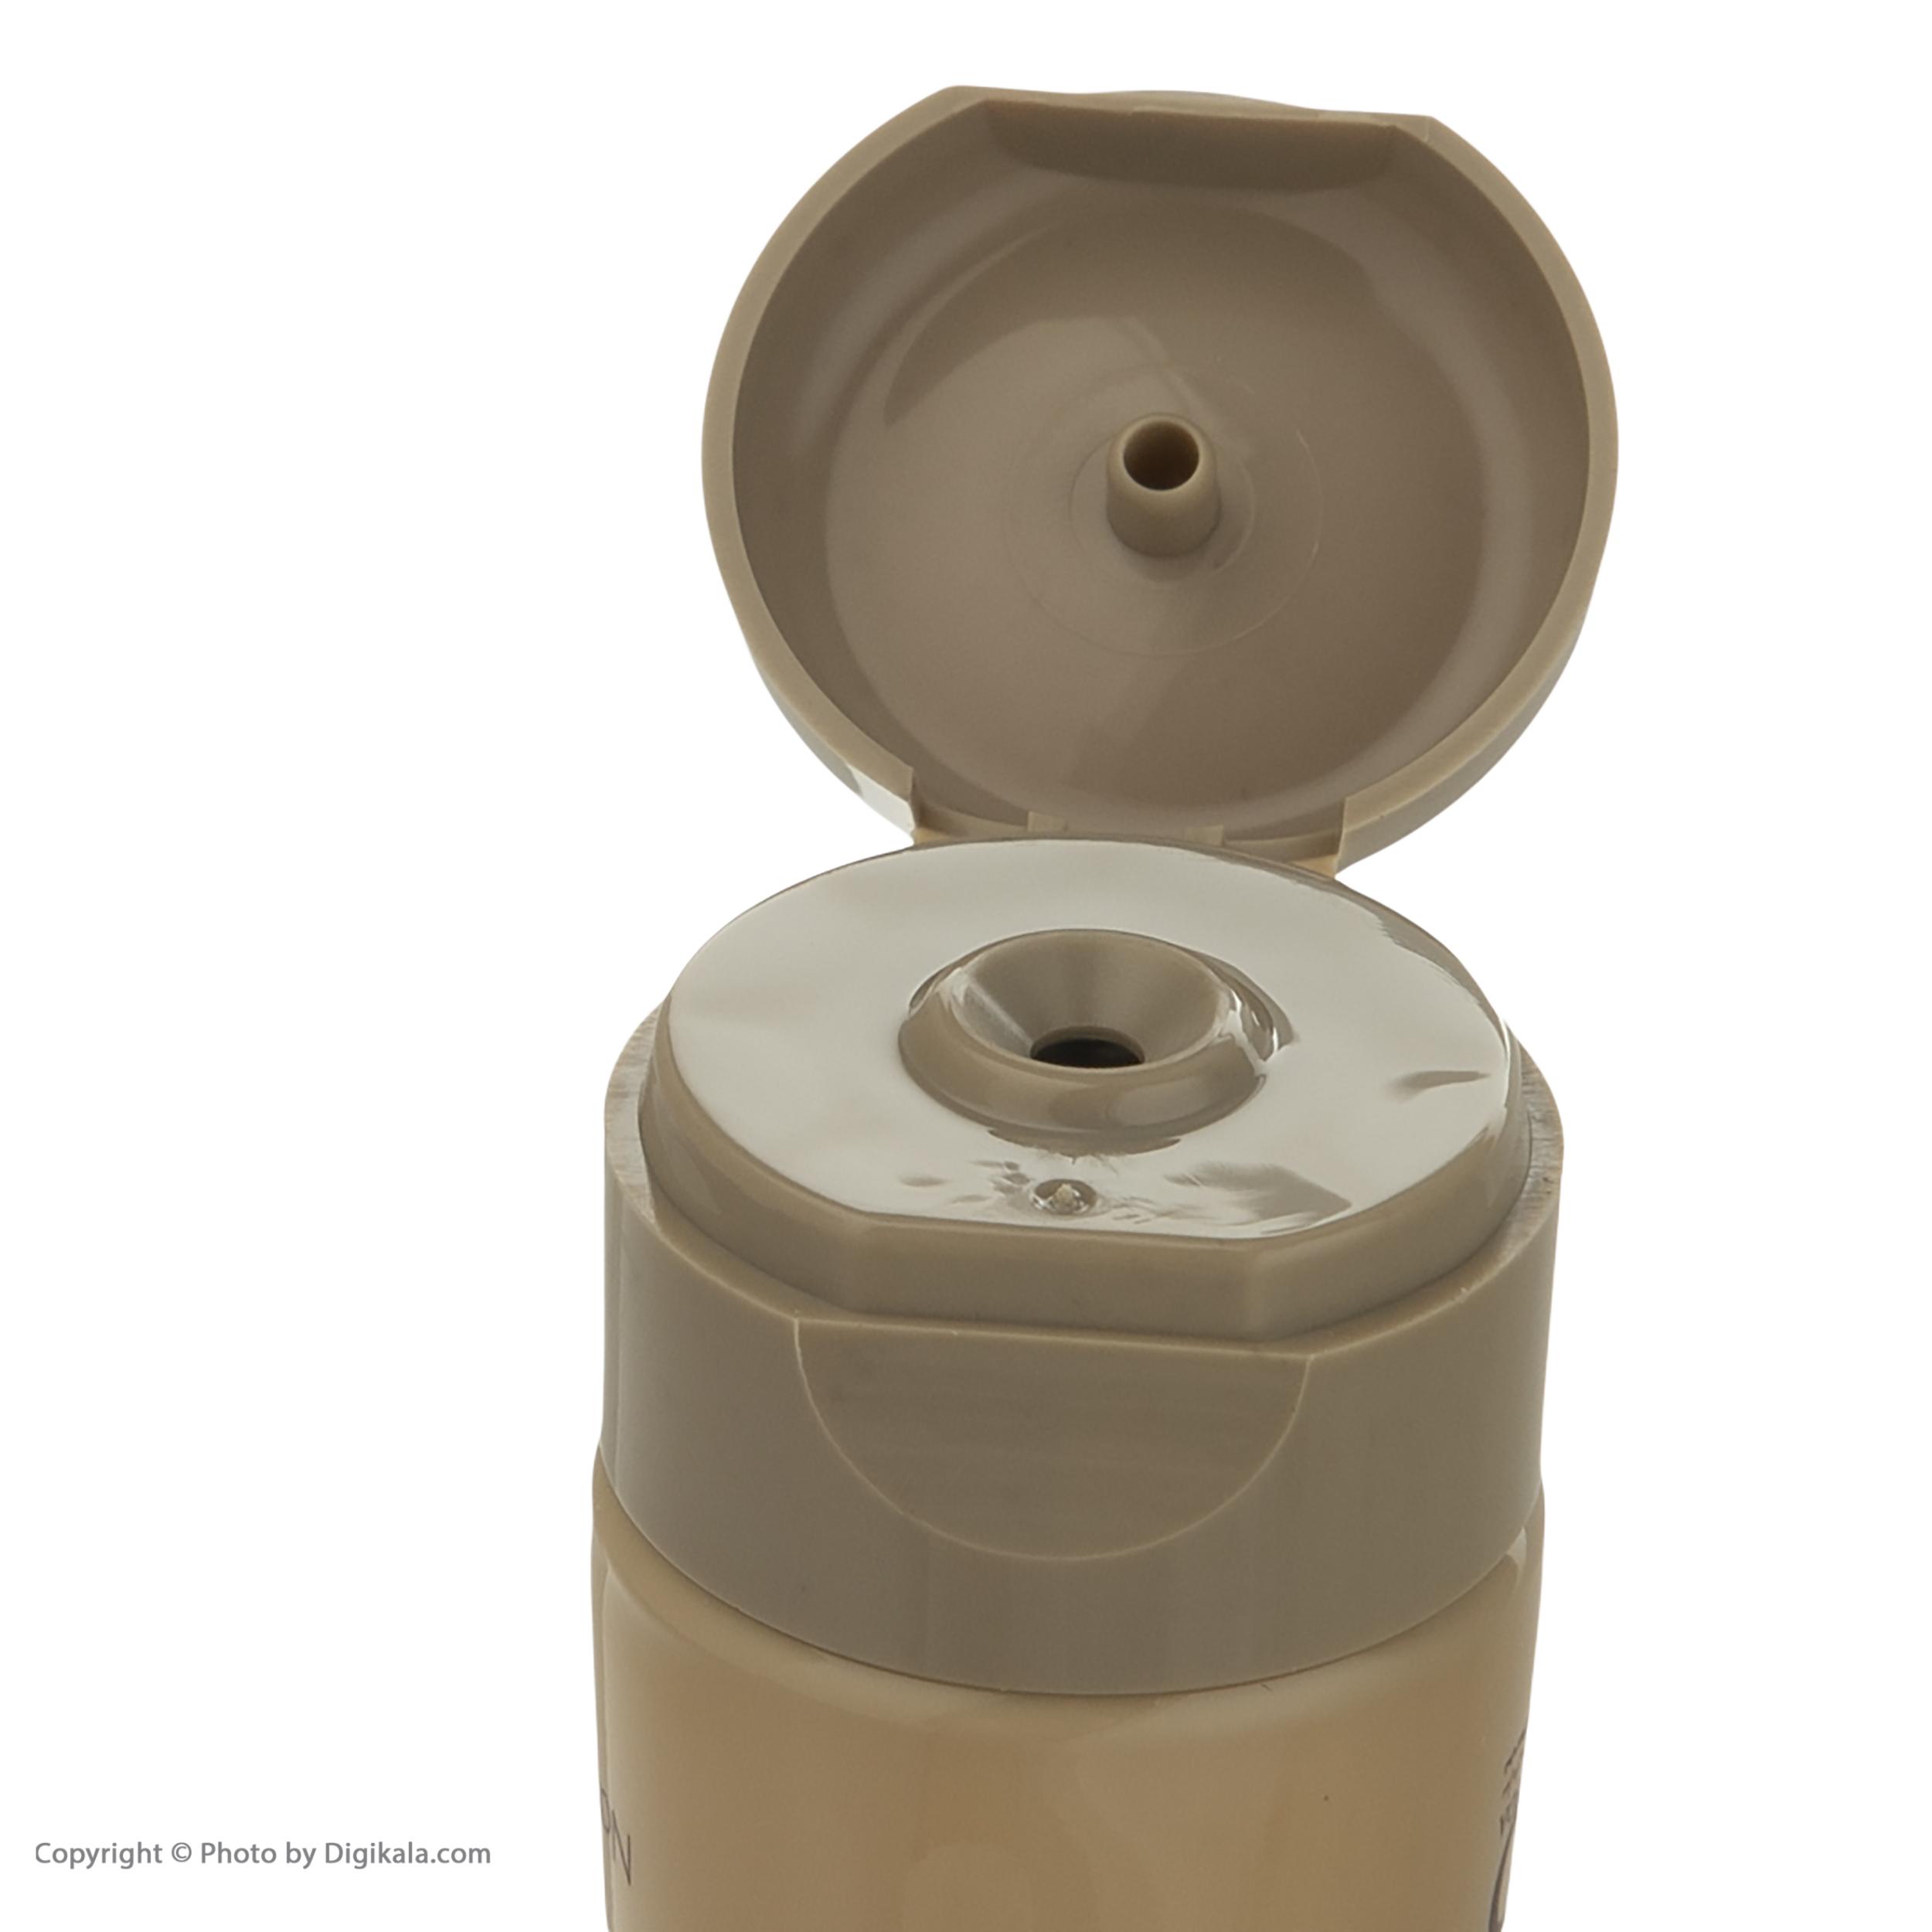 کرم مرطوب کننده ببک مدل Wheat Germ حجم 75 میلی لیتر